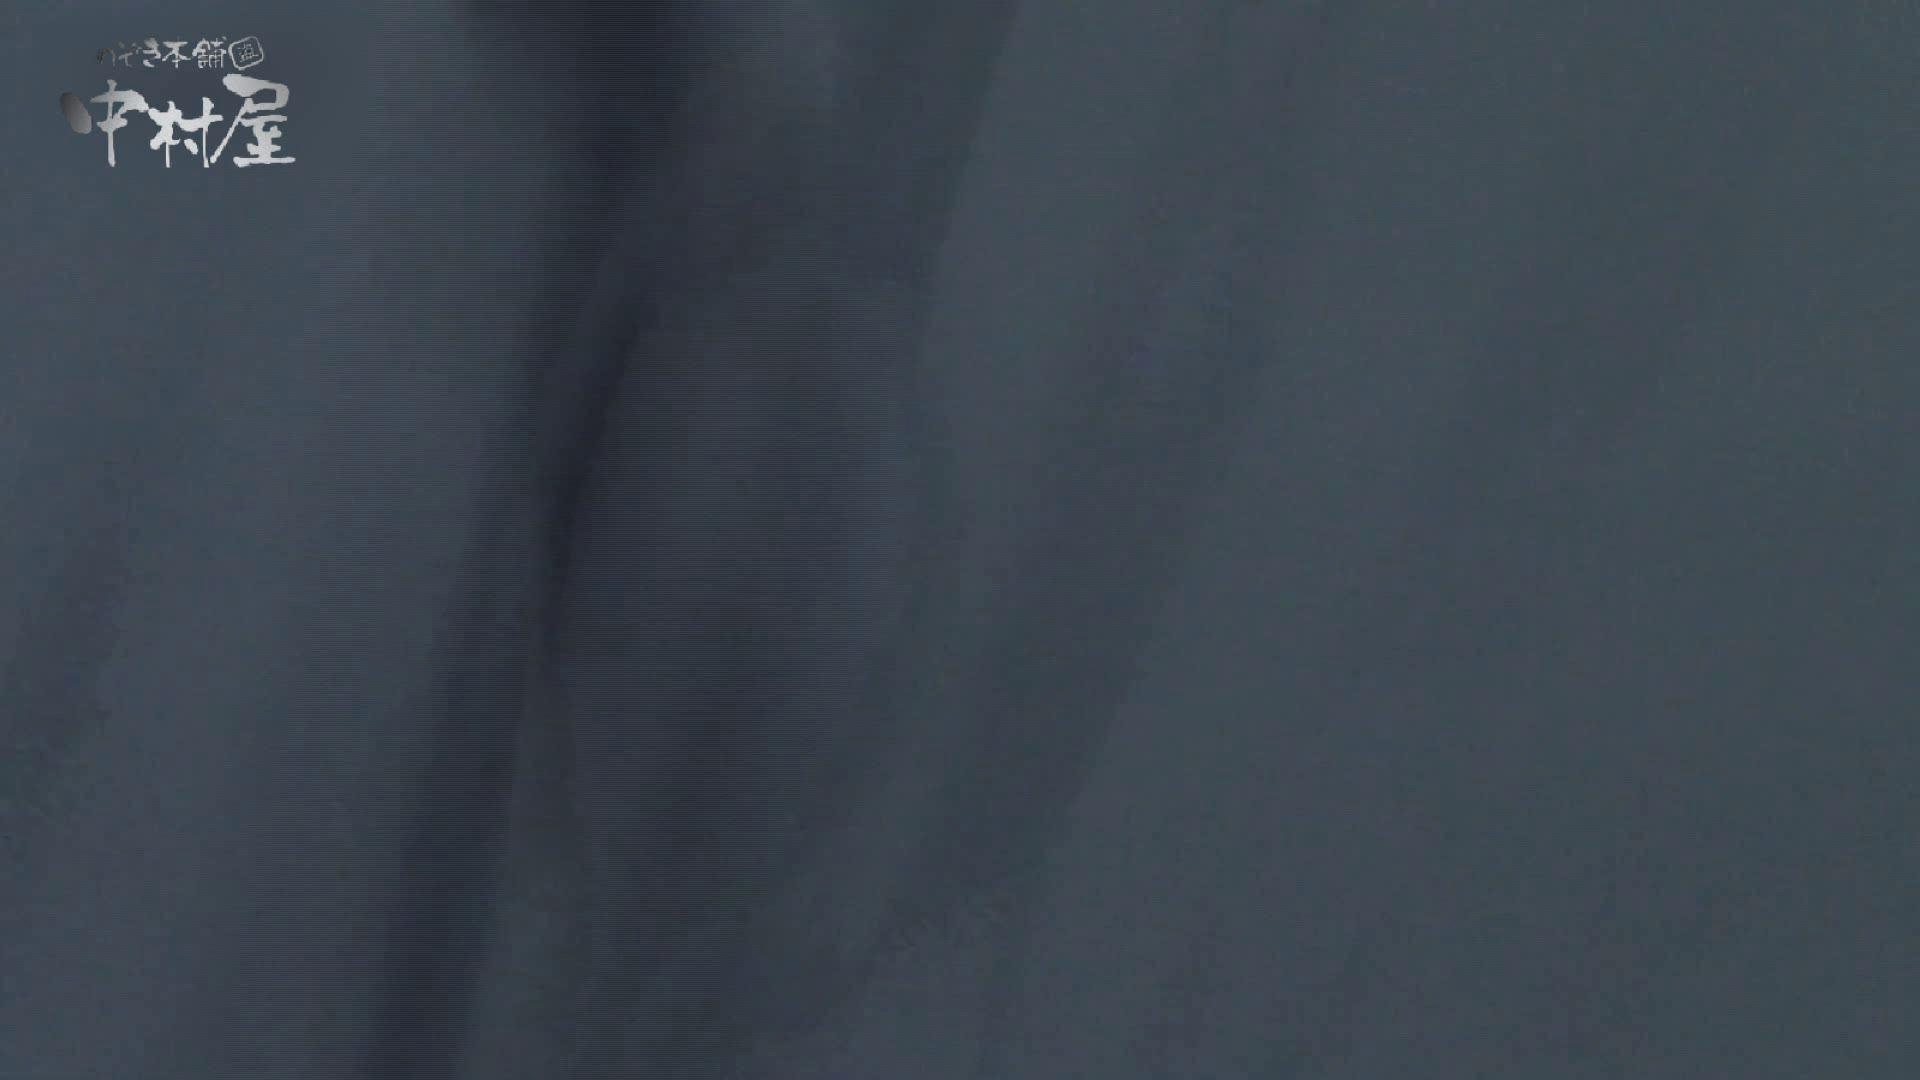 ▲期間限定D▲第三体育館潜入撮File032 進化4!機種変更!!全員現役。後編 女子トイレ 覗きおまんこ画像 89連発 24